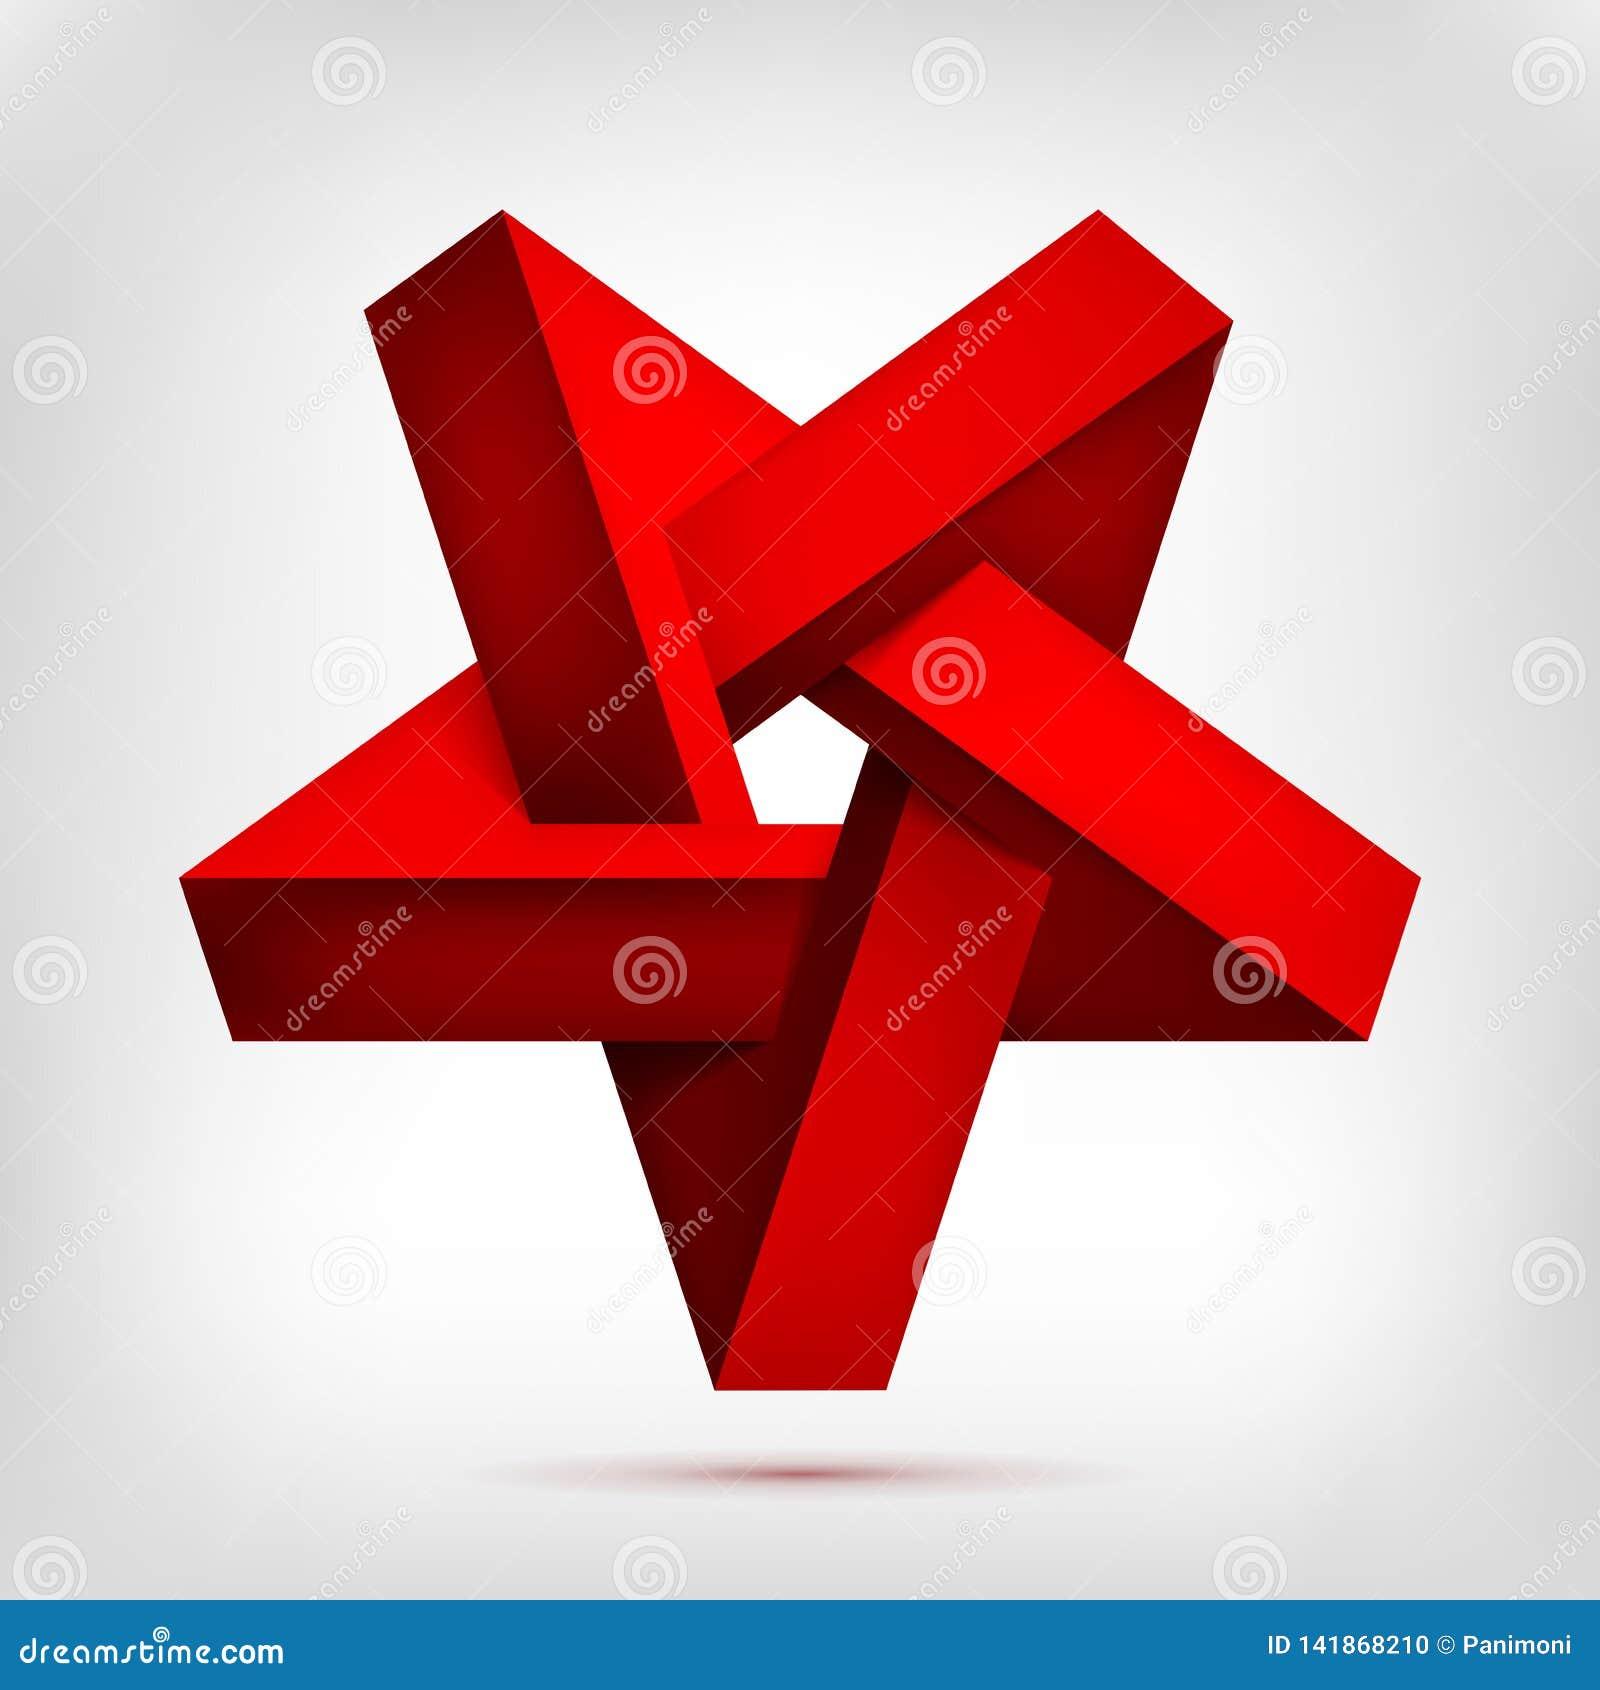 Het pentagonale illusierood keerde ster om Vijf-gerichte onwerkelijke vorm, onbestaand meetkundevoorwerp, abstract vectorontwerp